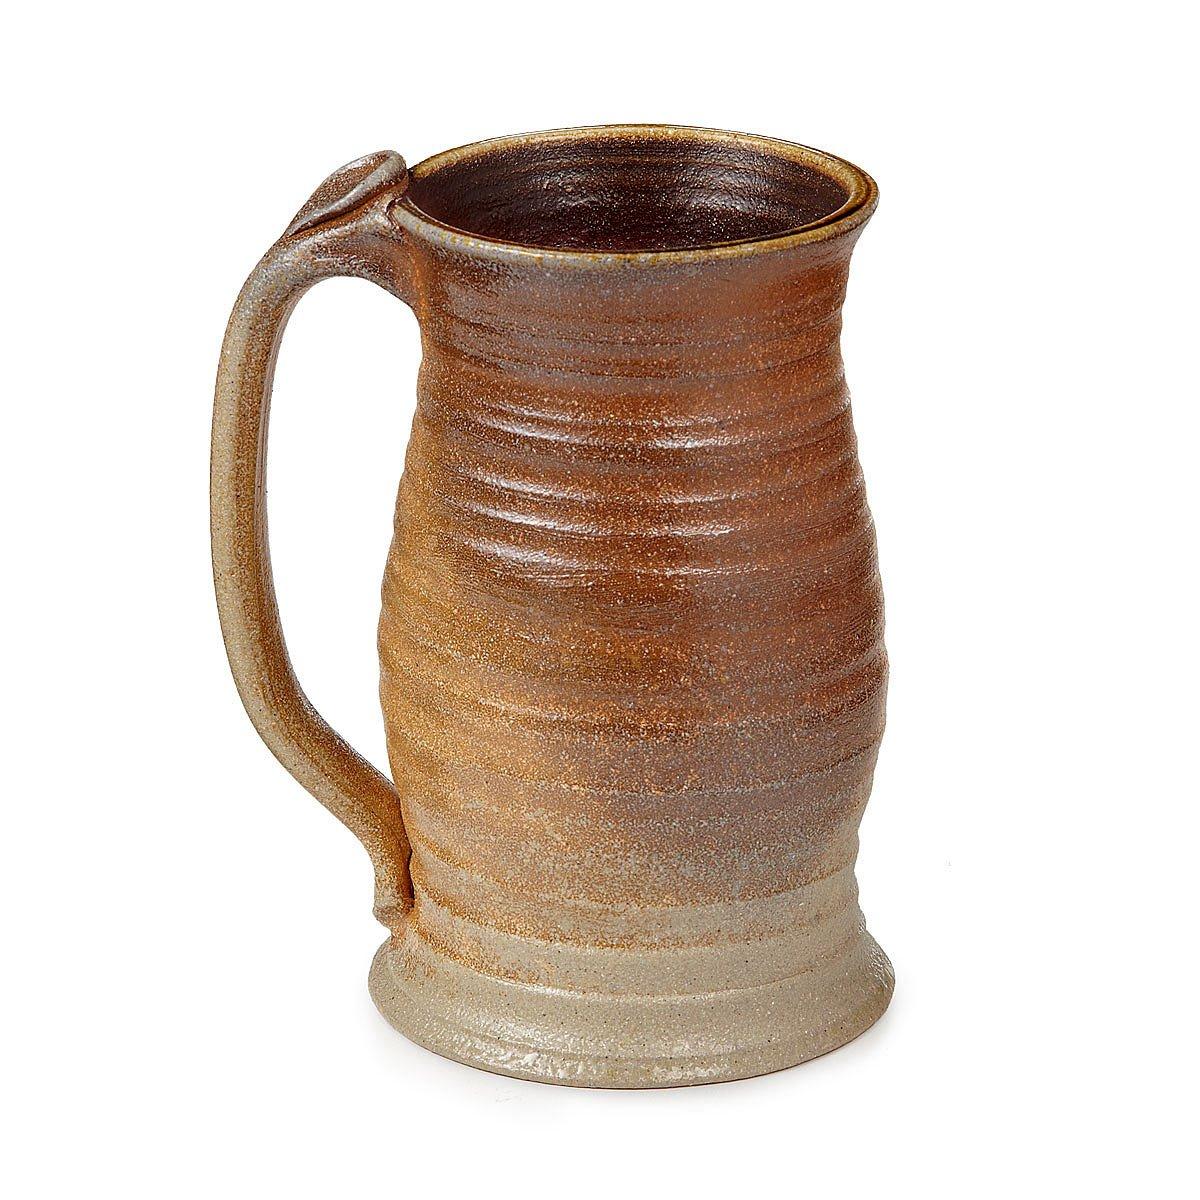 DIY Ceramic Beer Mug at Banded Brewing Co.